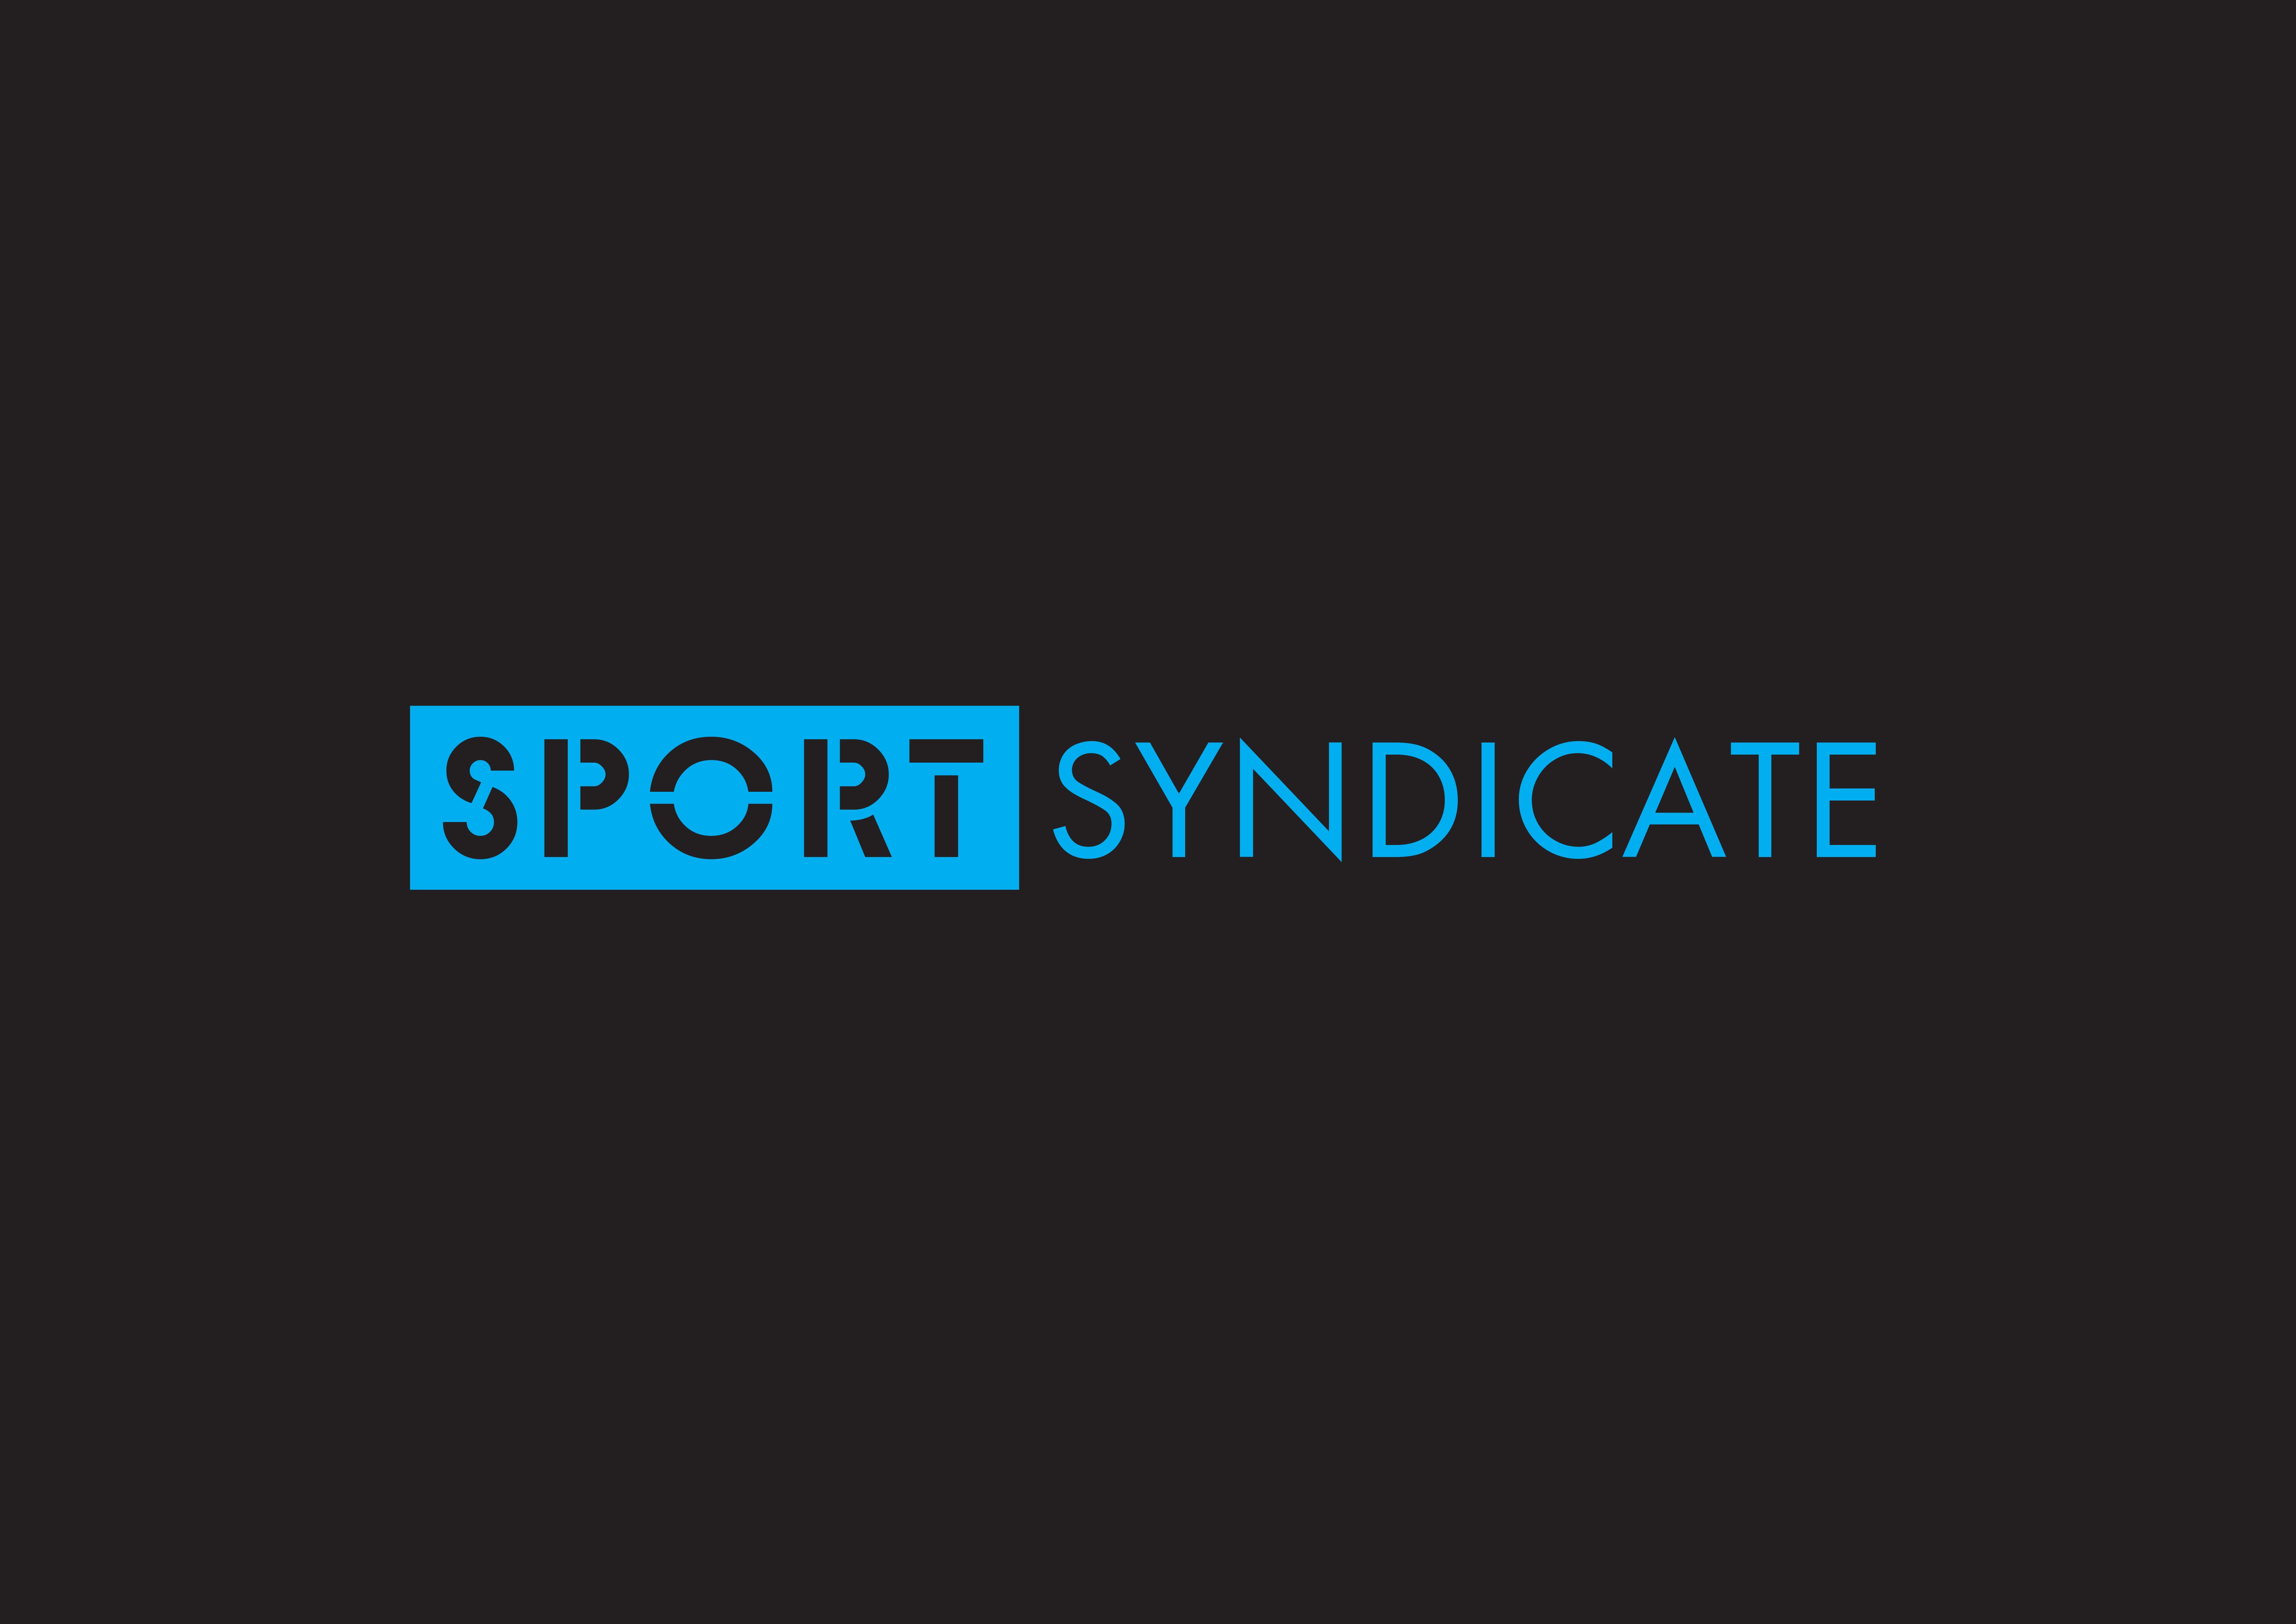 Создать логотип для сети магазинов спортивного питания фото f_548596c5a2ce8c5e.jpg